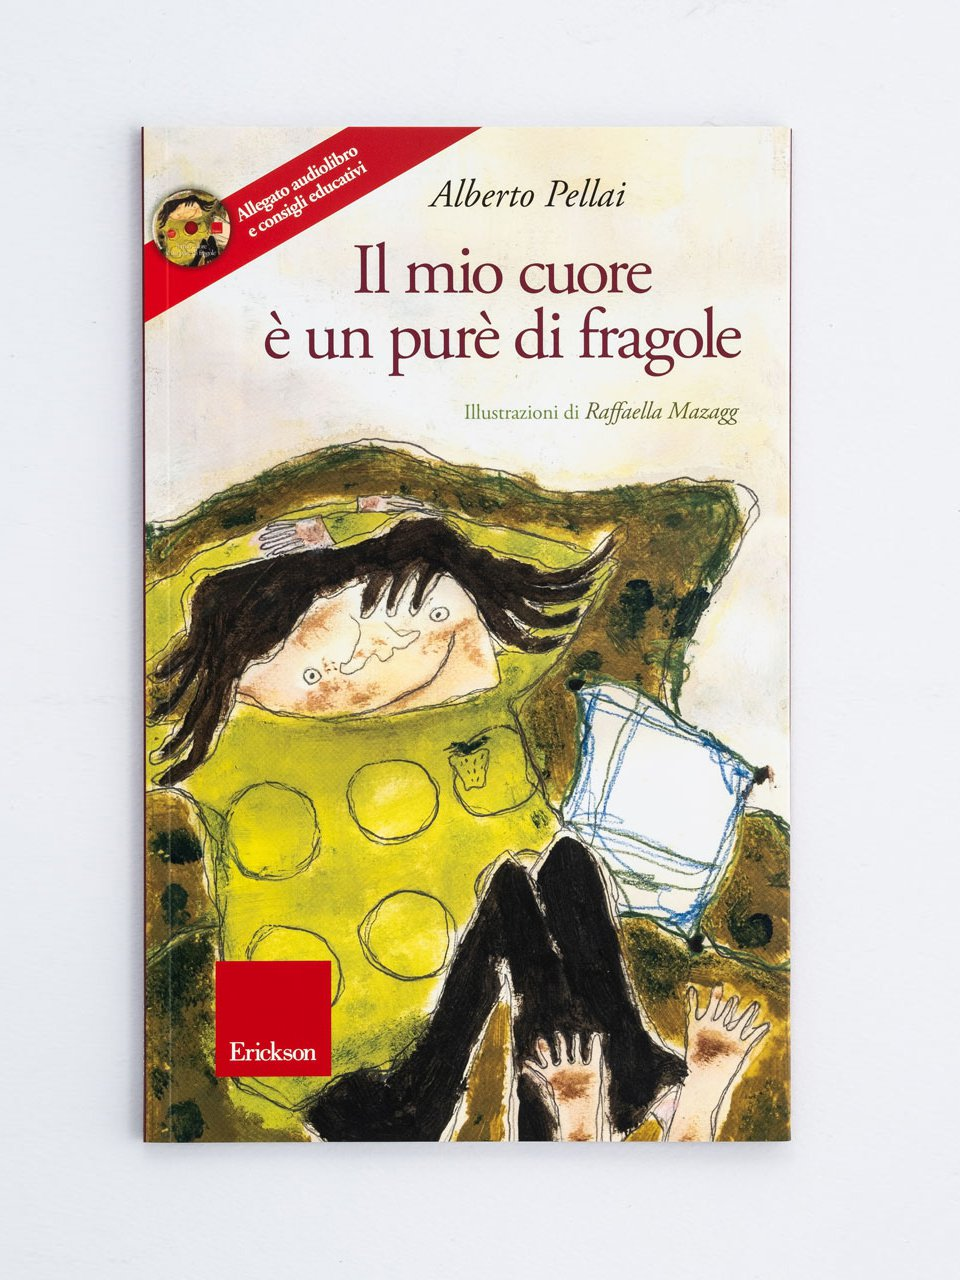 Il mio cuore è un purè di fragole - Alberto Pellai - Erickson